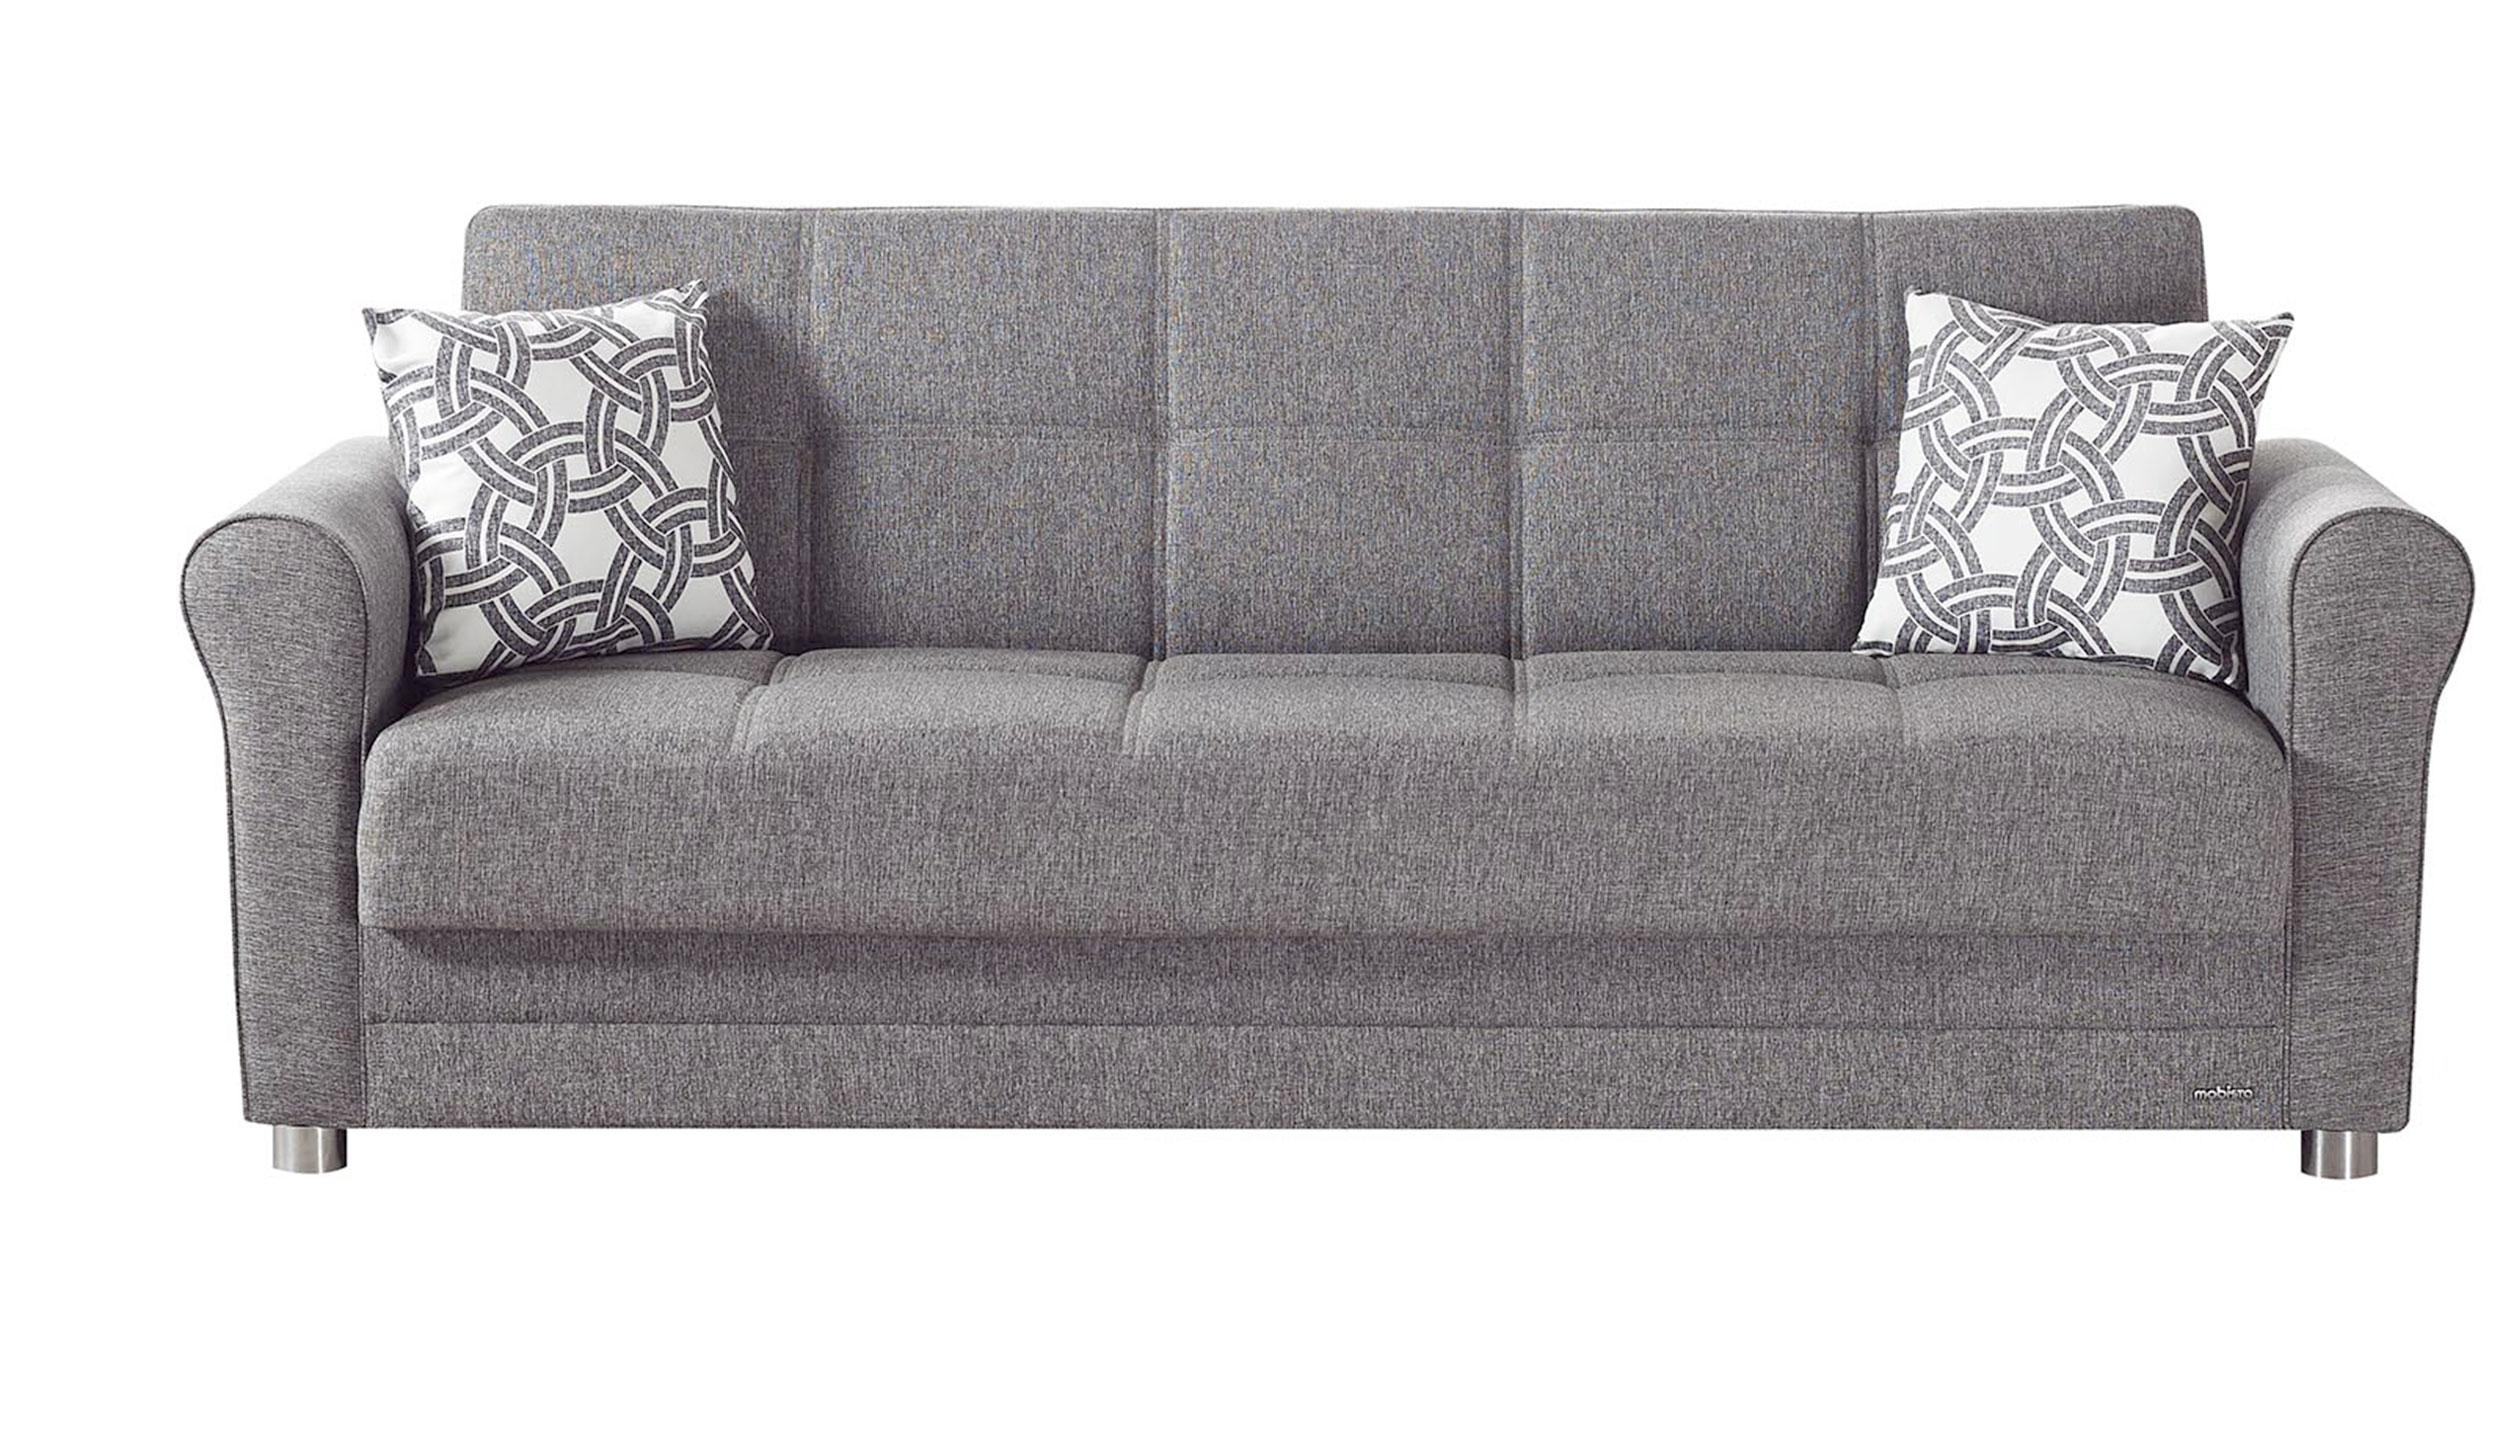 Divano gray sofa bed by mobista for Futon divano